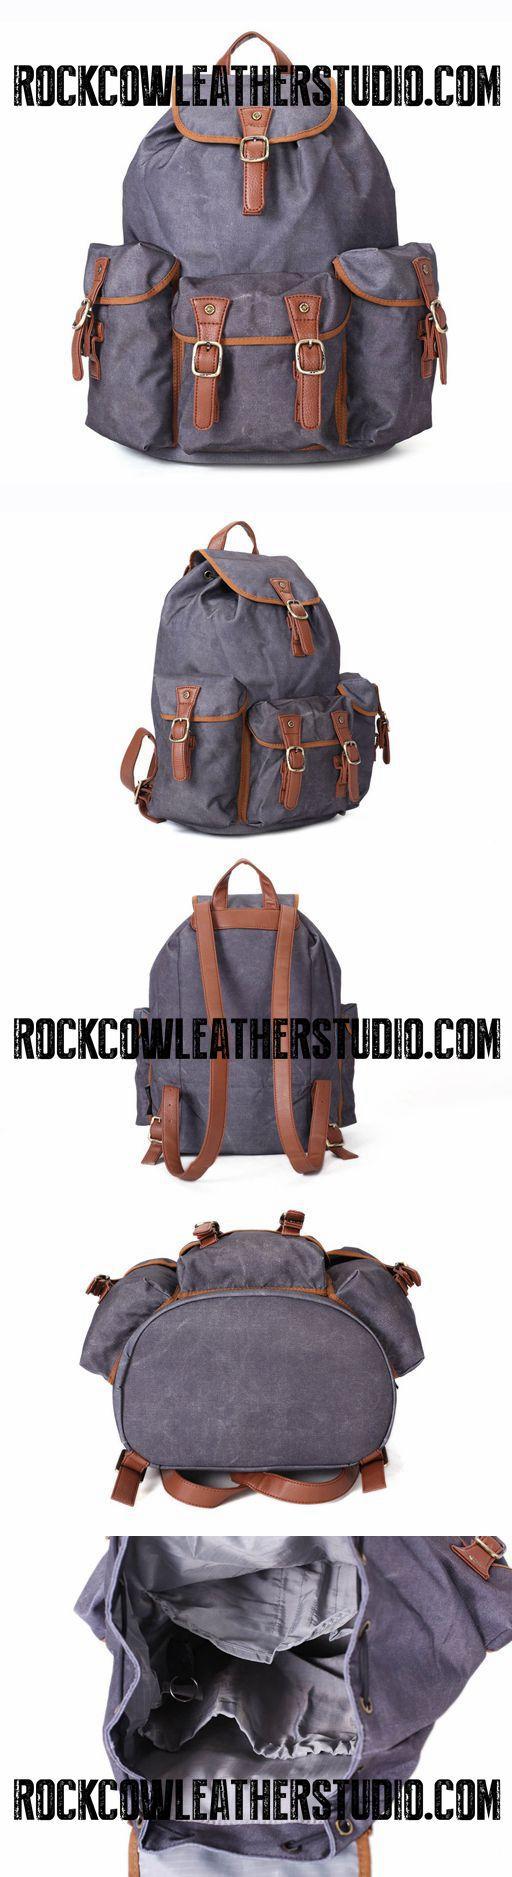 Waterproof Canvas Travel Backpack, School Rucksack, Large Men's Backpack, Cool Hiking Backpack FB15